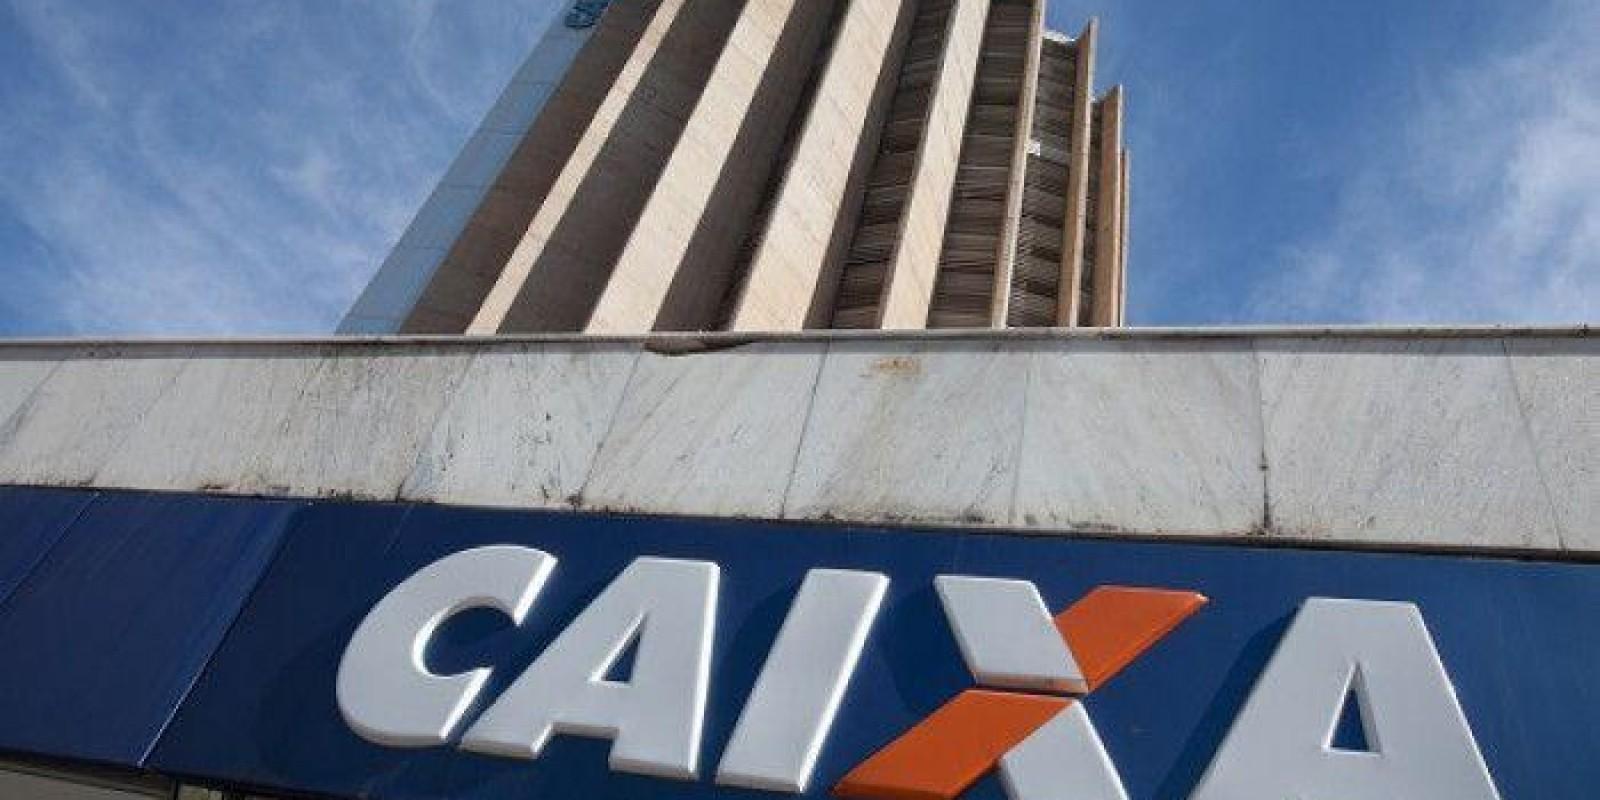 Após muita cobrança, Caixa anuncia contratação de aprovados em concurso de 2014